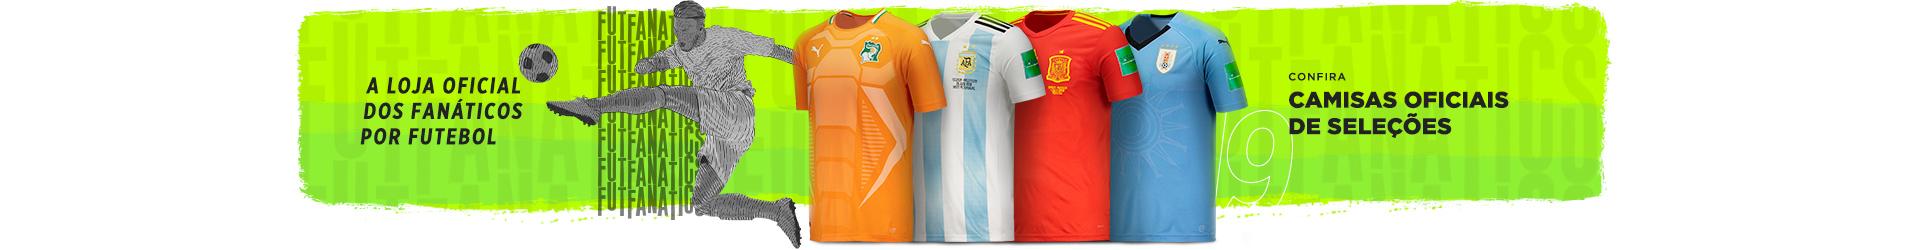 1fbb9cff97 Camisas de Futebol da Seleção Brasileira - FutFanatics